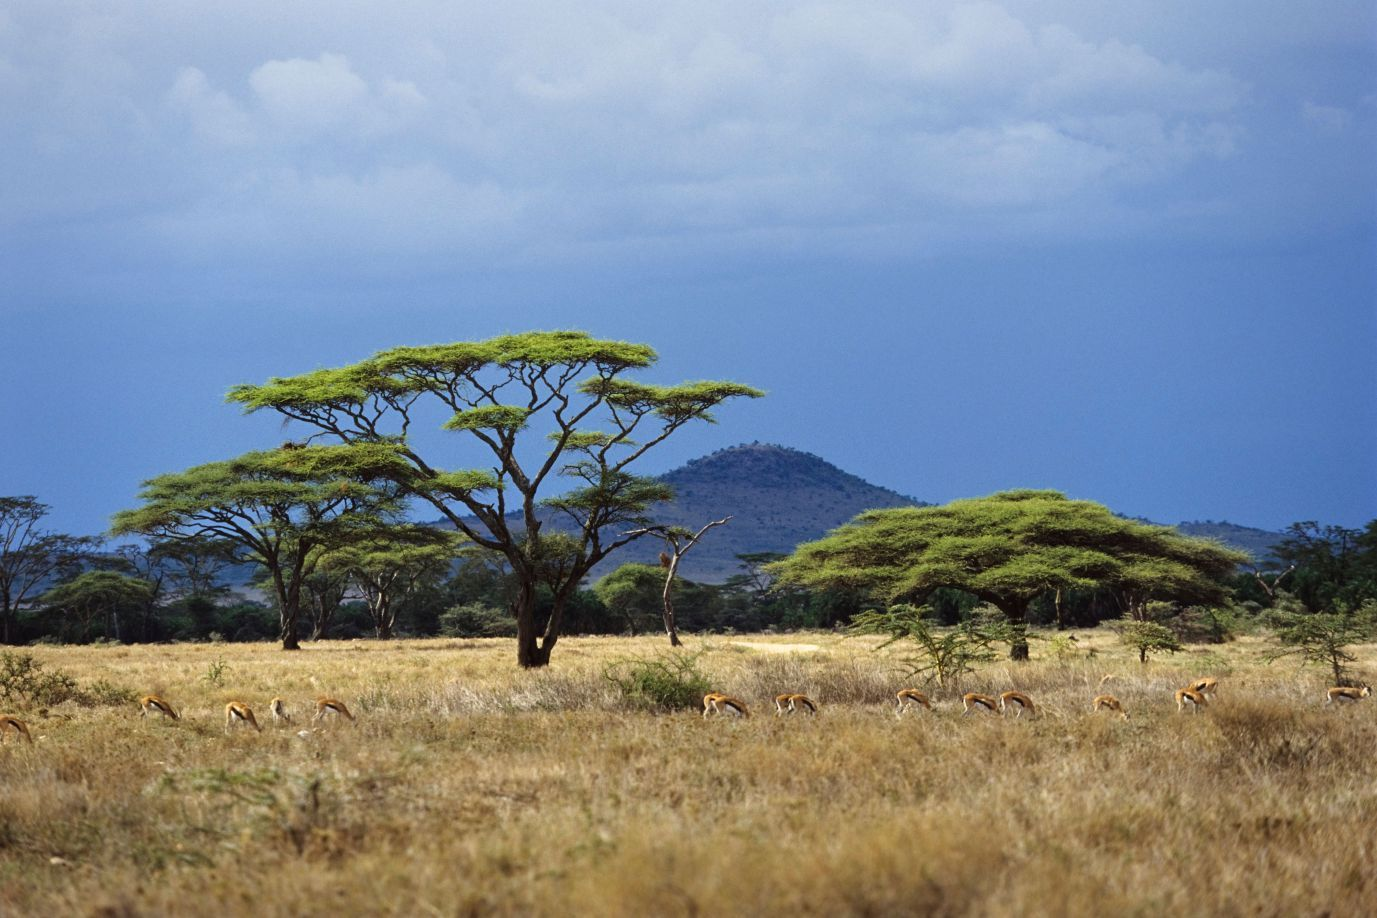 savannah.jpg (1377×918)